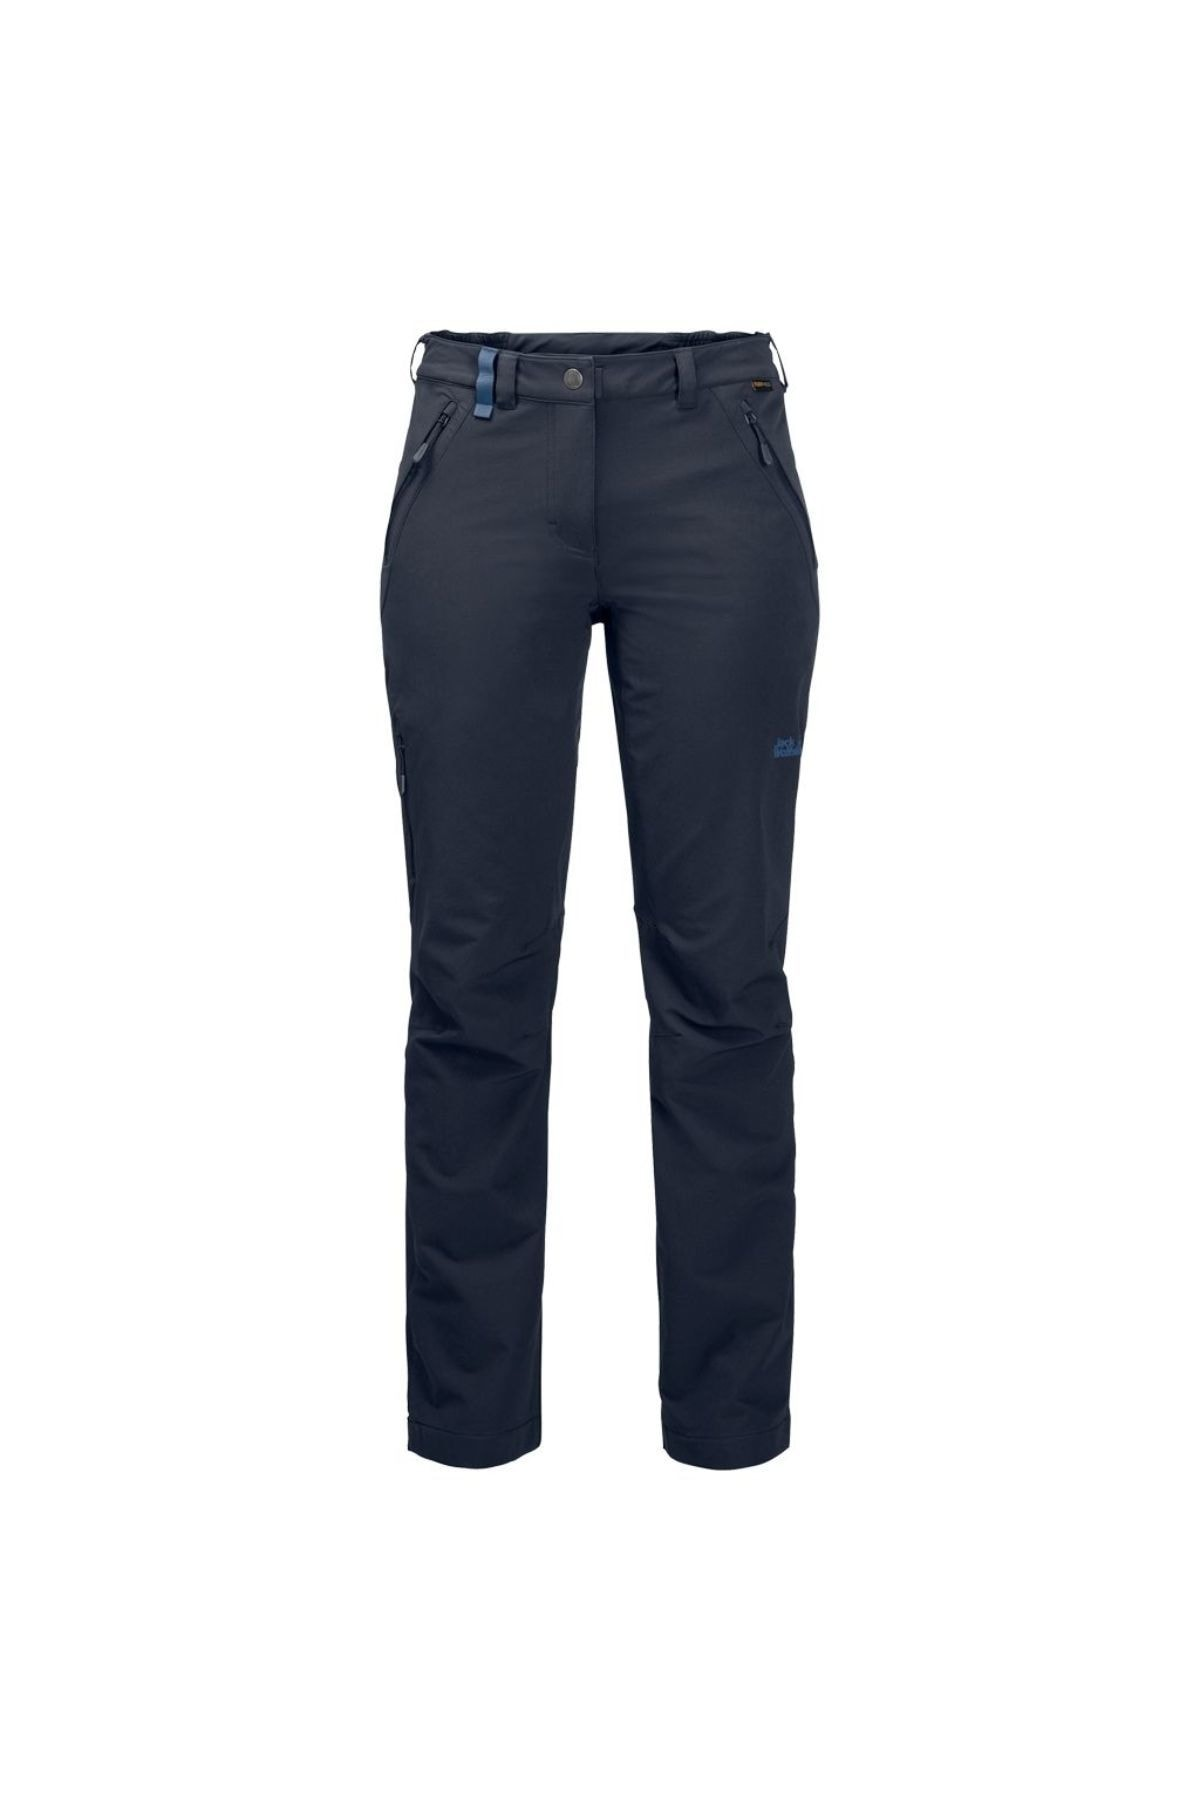 Activate XT Kadın Softshell Pantolon 1503632